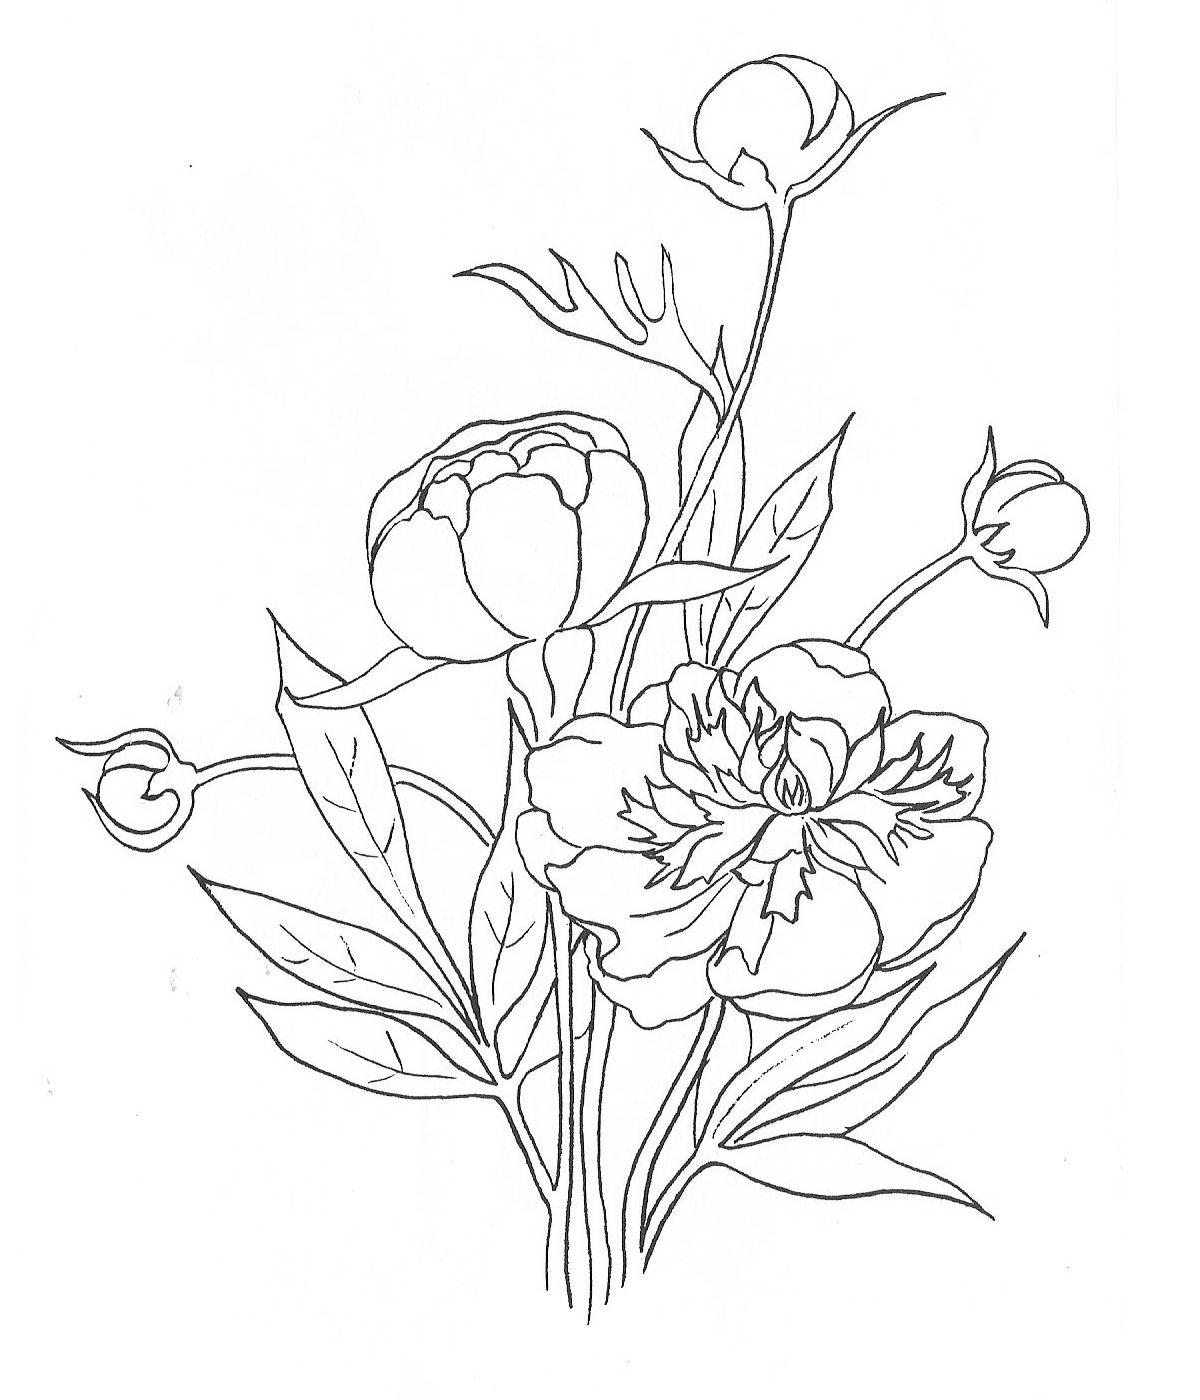 Раскраски садовый цветочек пион | Рисунки для ...